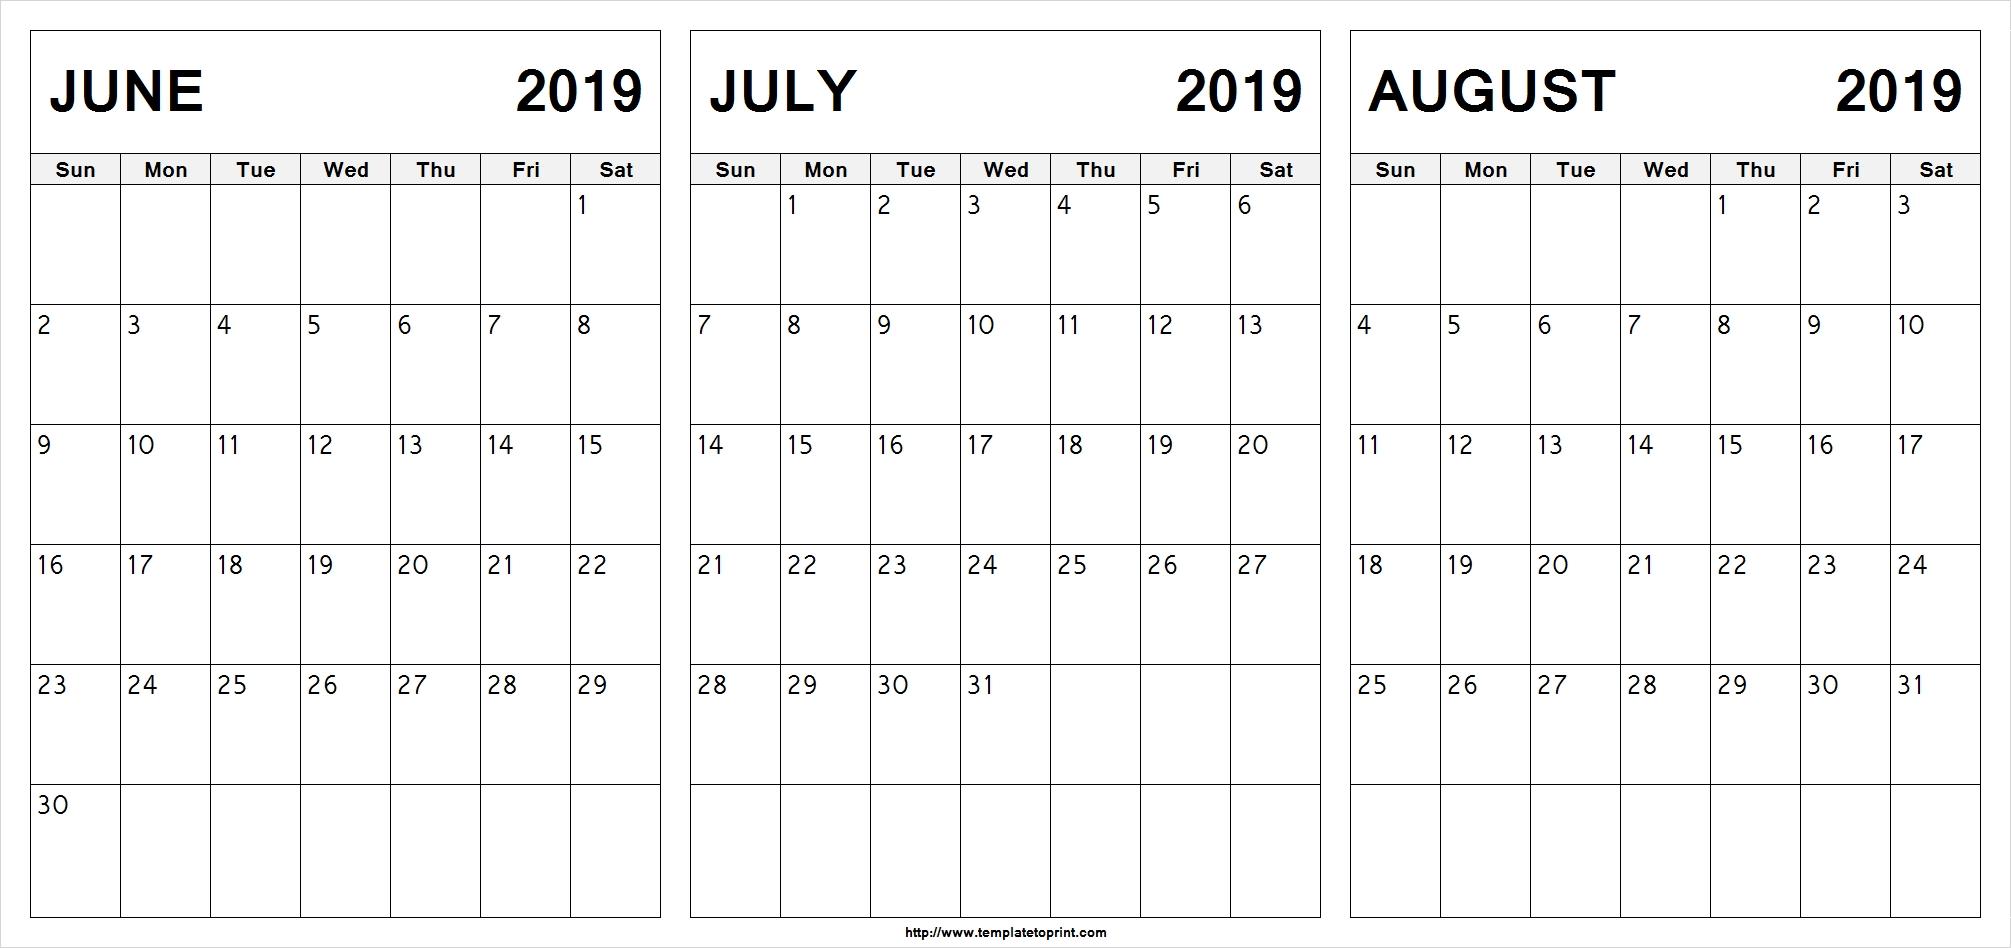 Lovely Calendar Template August 2019-June 2019 : Mini